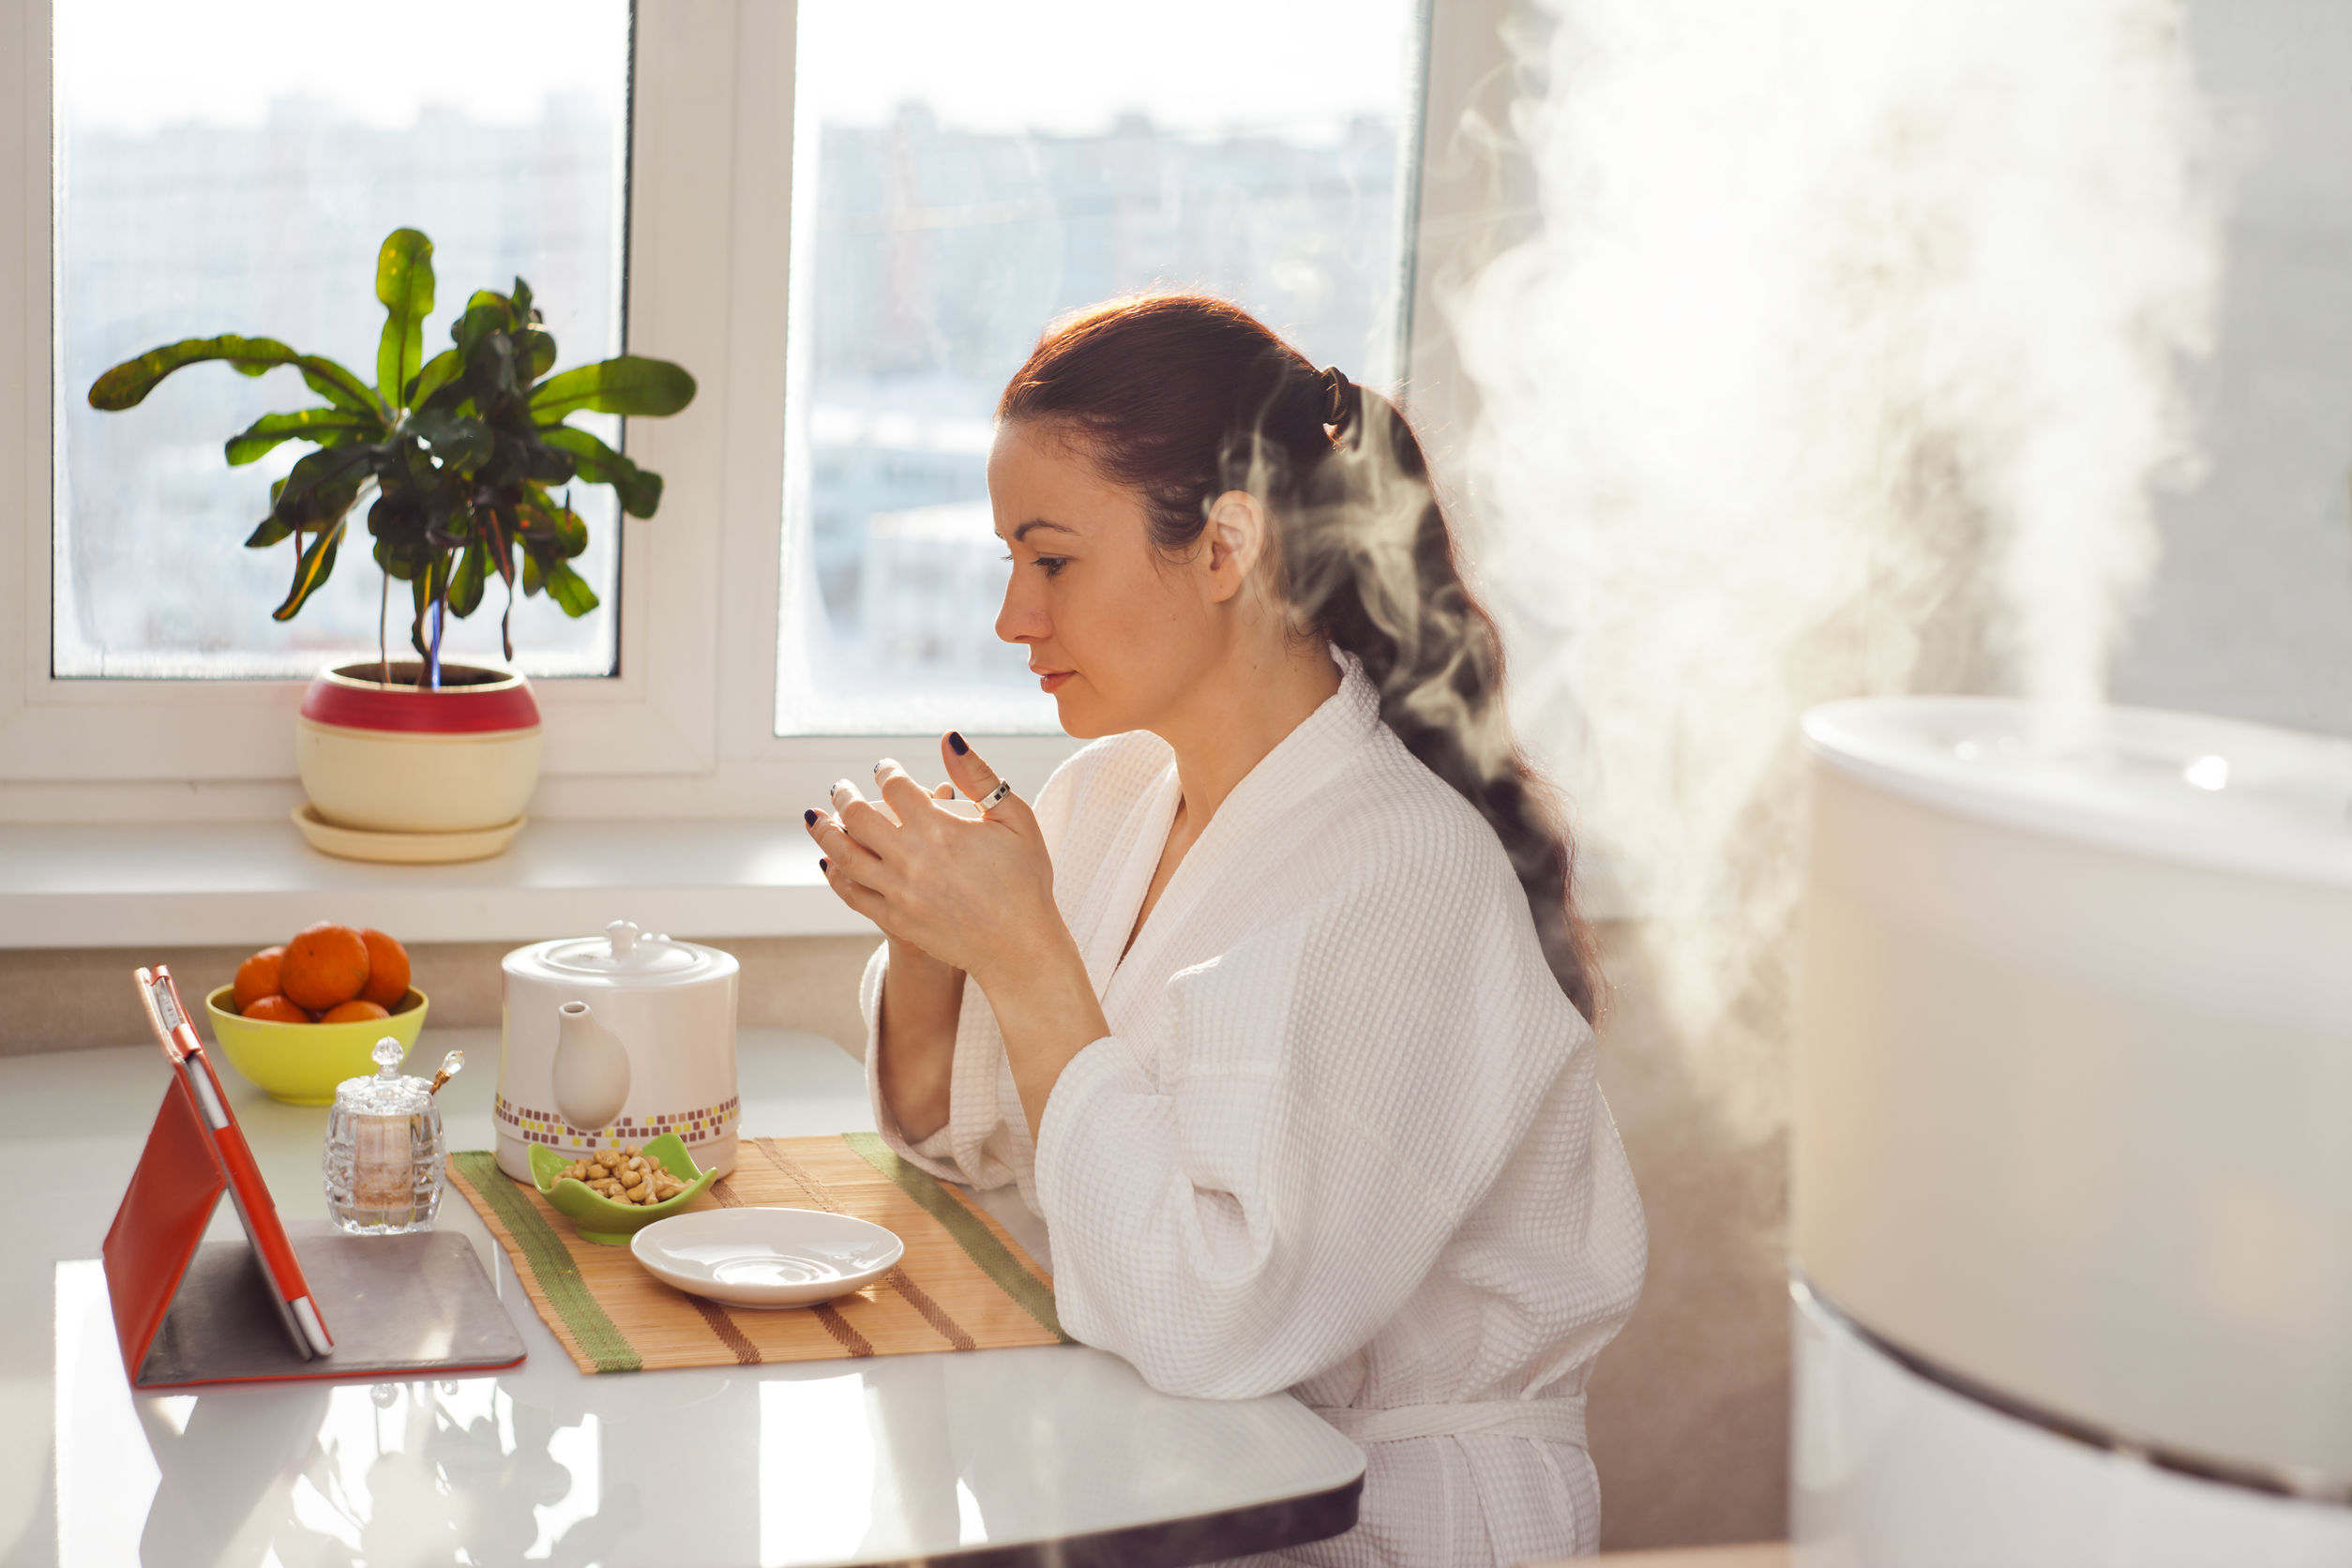 Mujer bebiendo té leyendo tableta cerca del climatizador